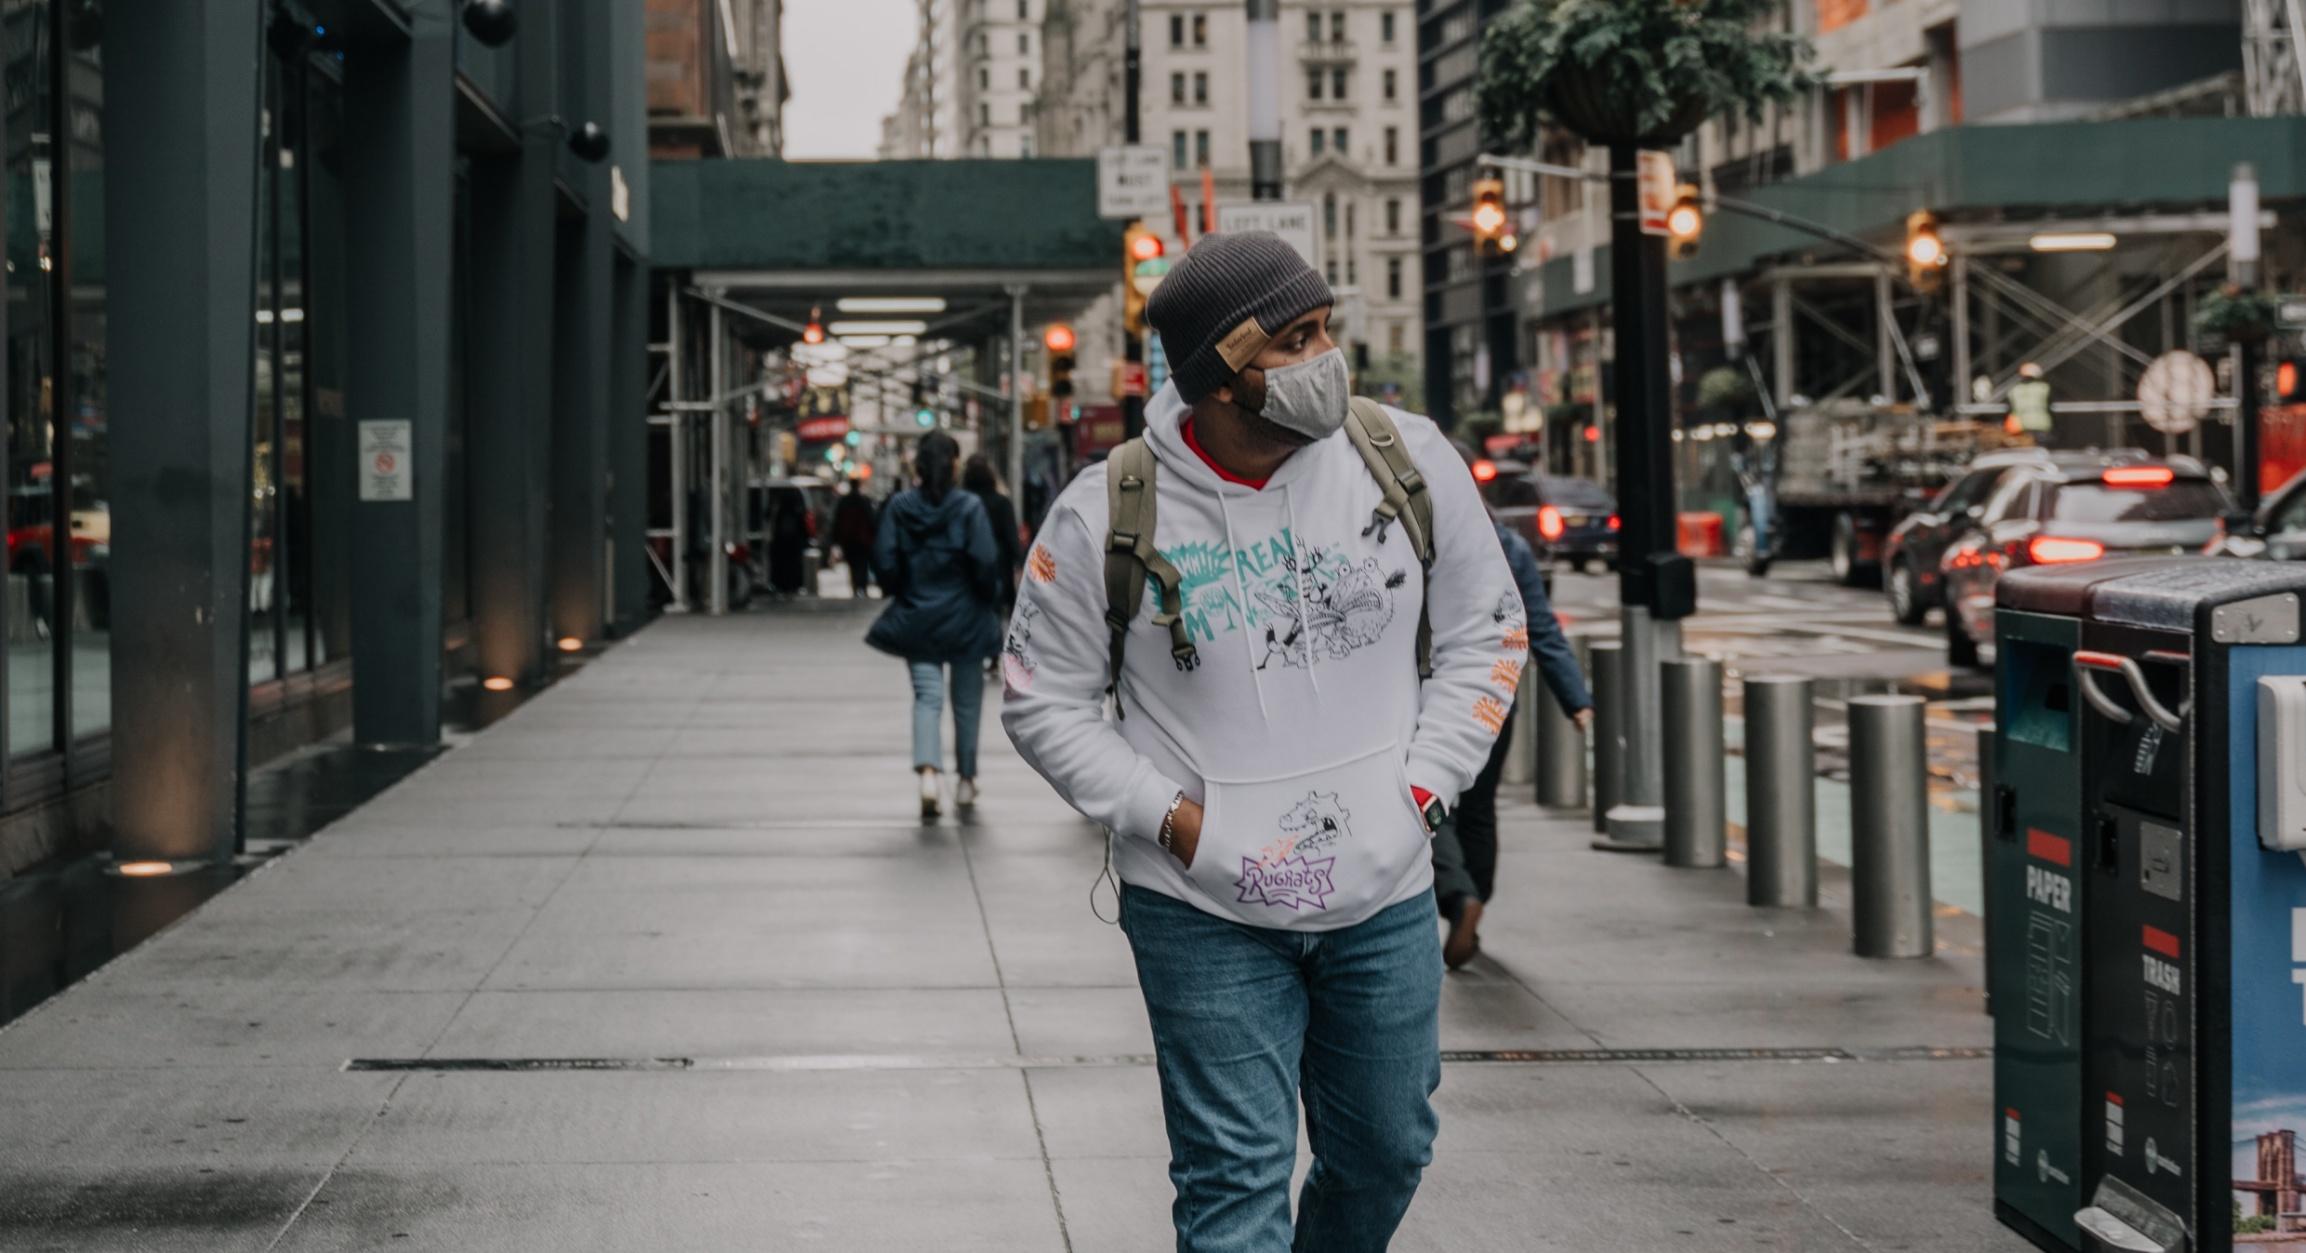 Nowy Jork zamierza znieść w poniedziałek obowiązek noszenia maseczek w szkołach